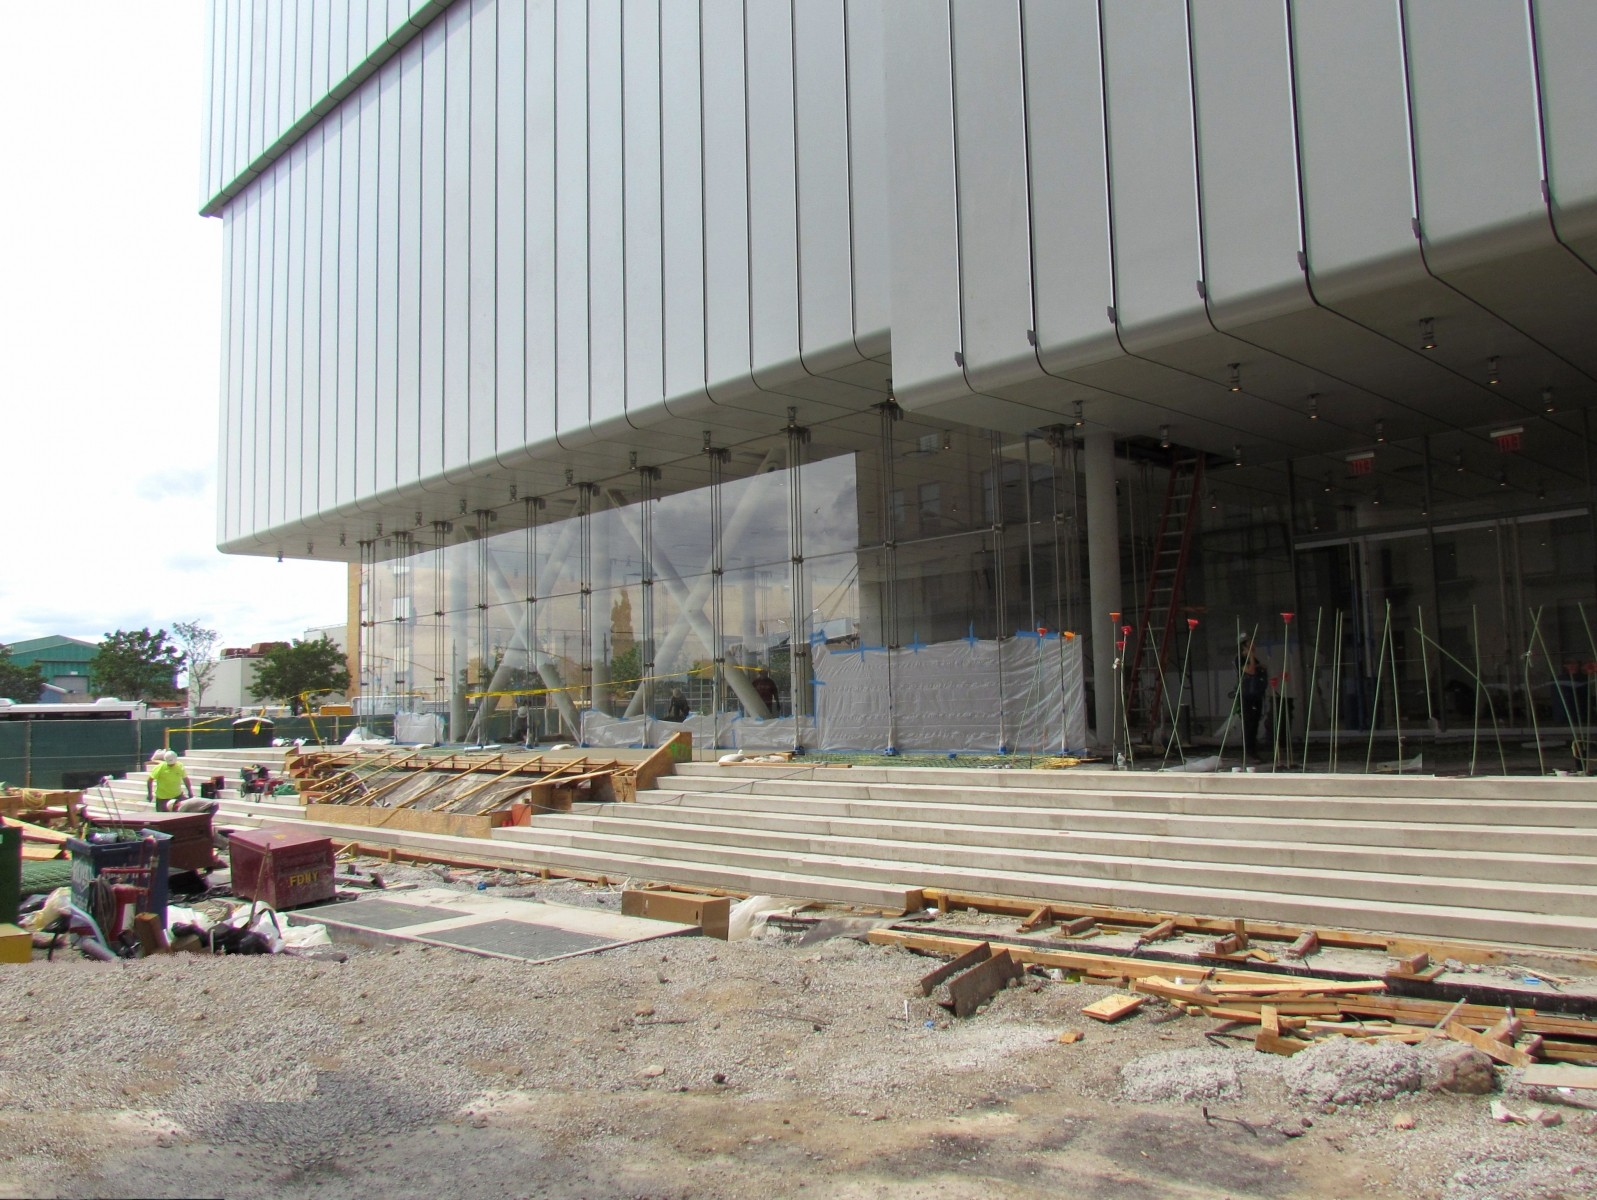 La entrada principal del nuevo Whitney, que da hacia West Side Highway. Image © Paul Clemence